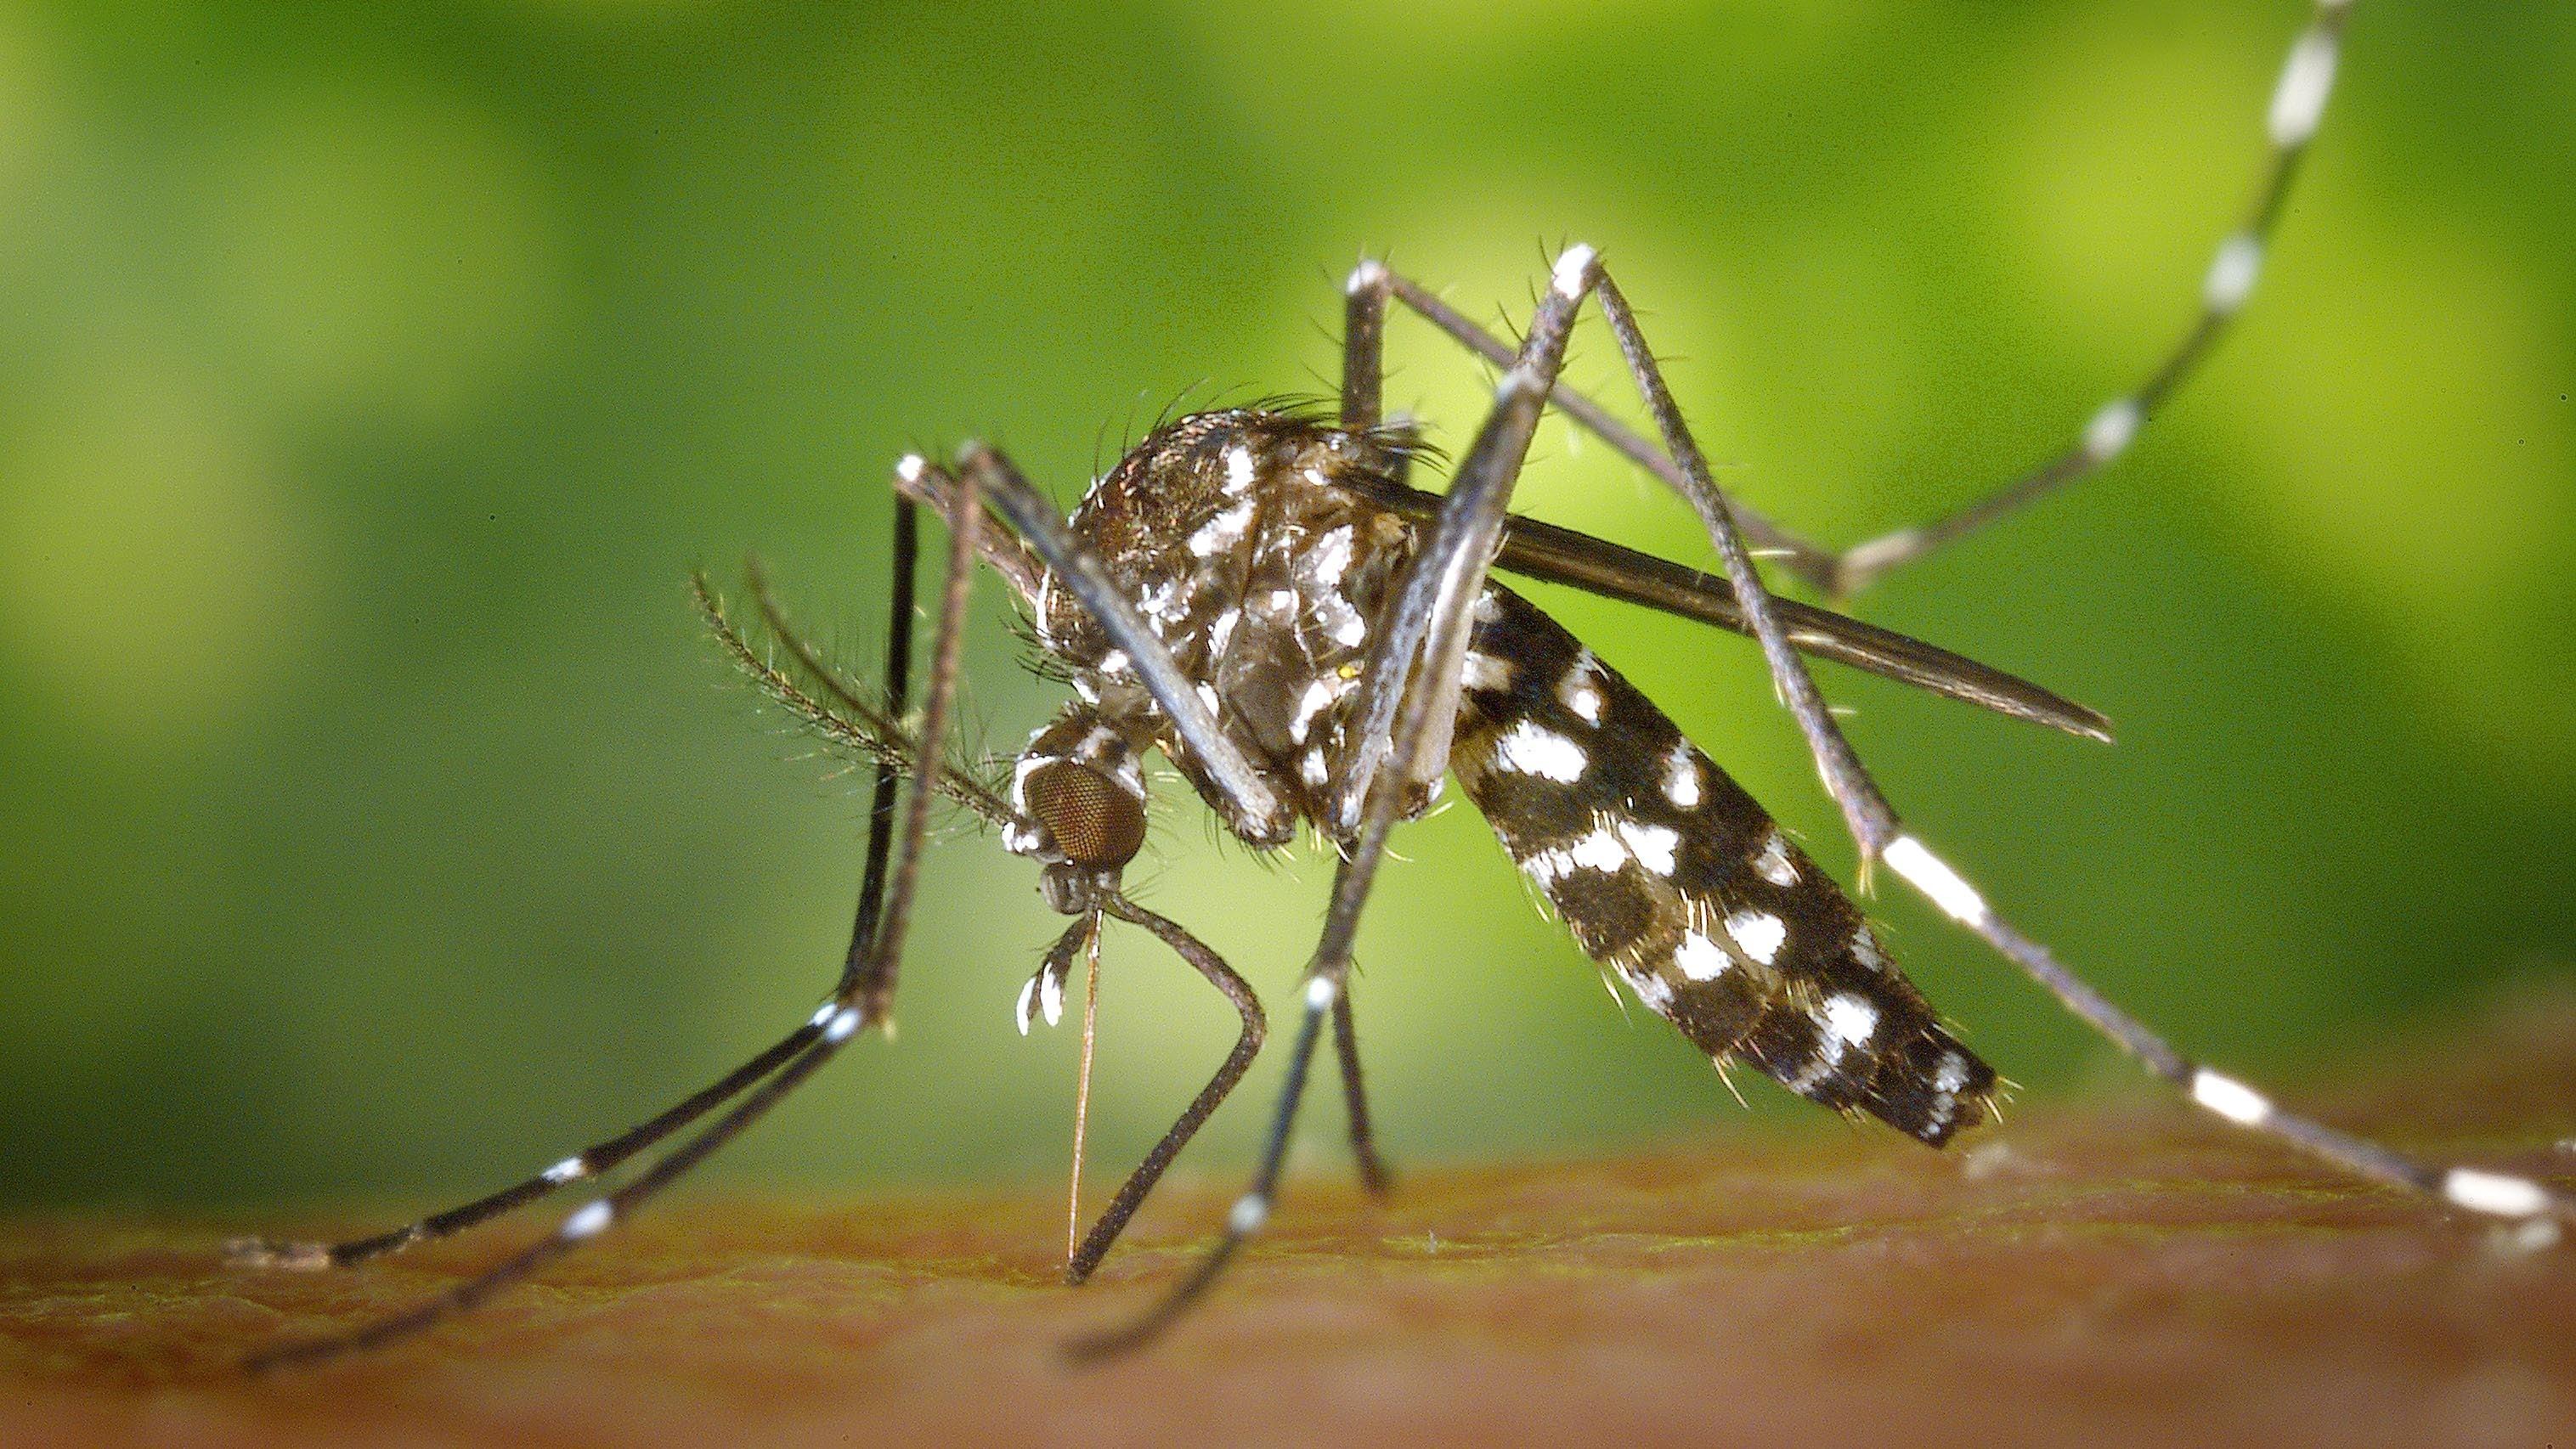 Nächste Gefahr im Anmarsch: die Asiatische Tigermücke